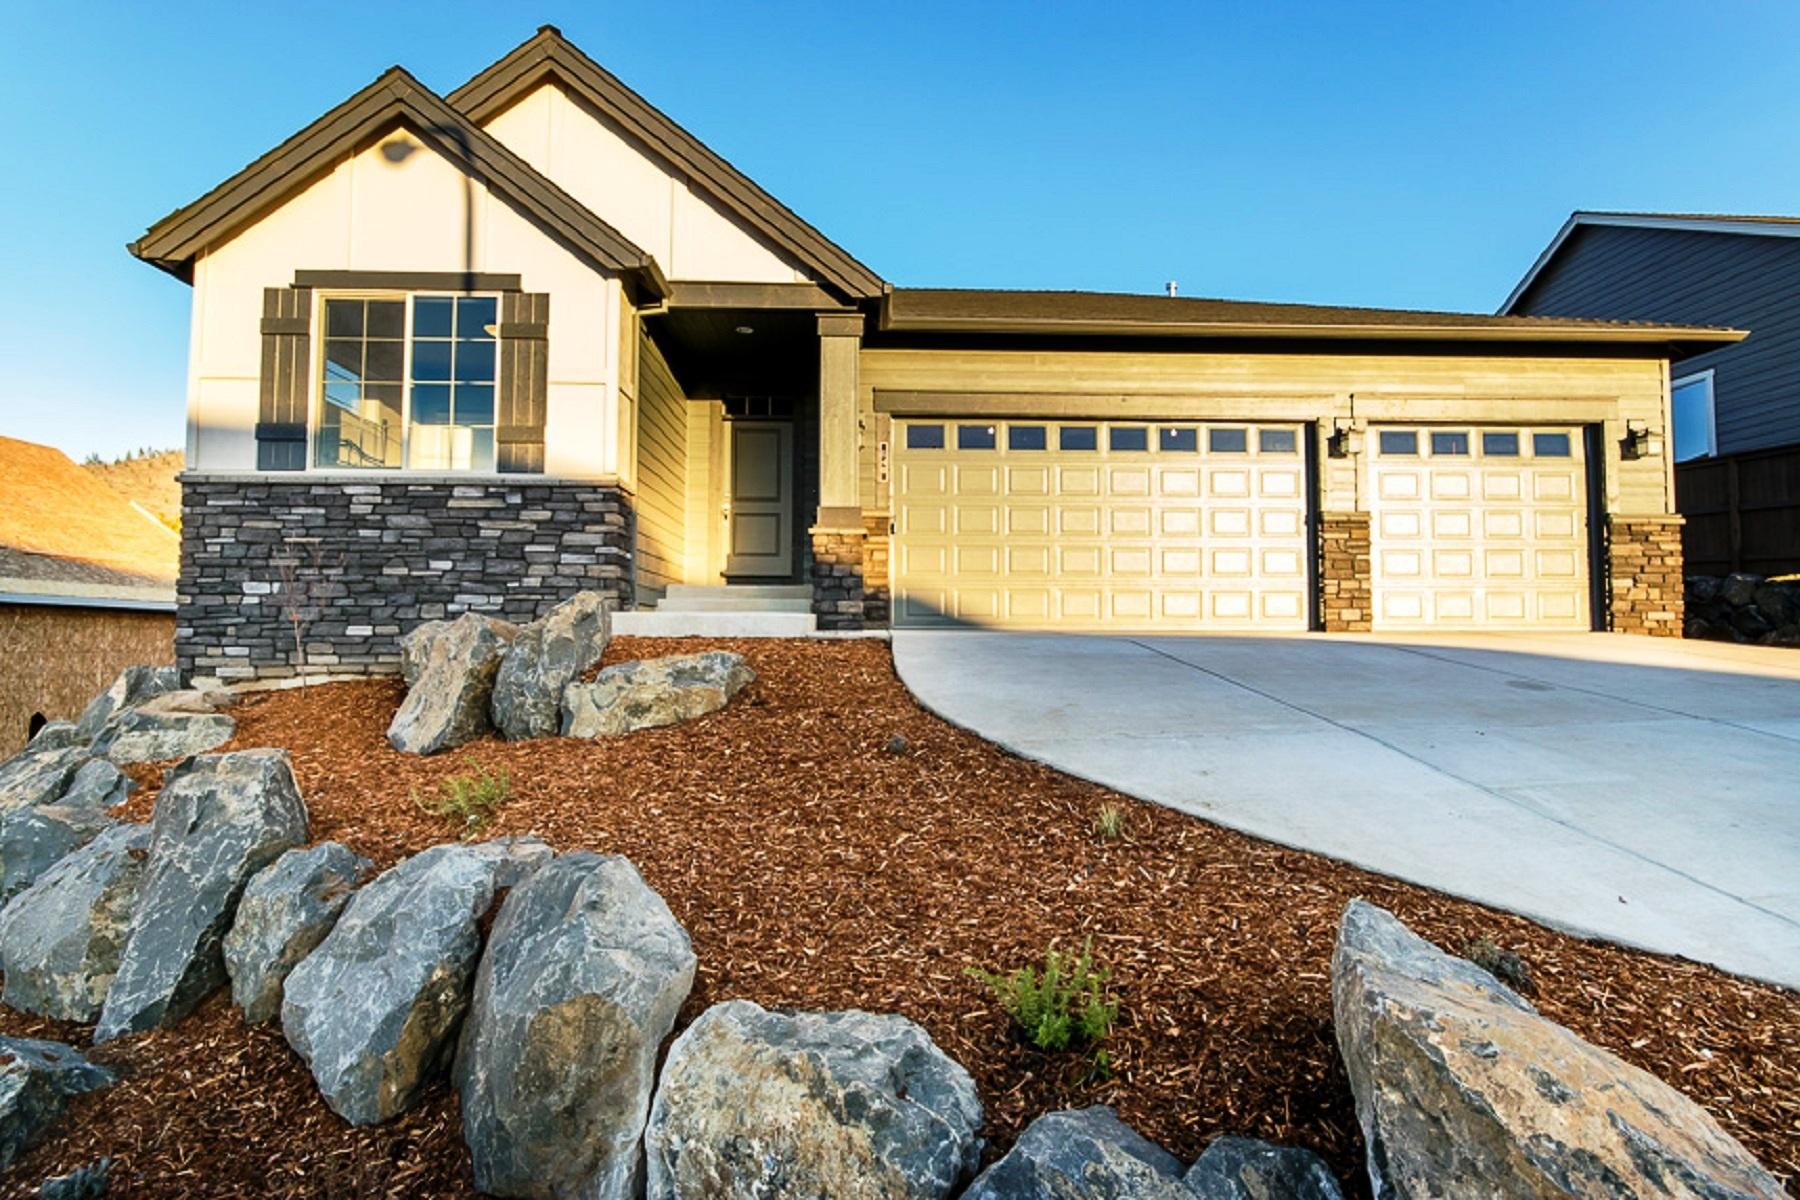 Casa Unifamiliar por un Venta en 839 NE Hudspeth Circle Lot 148, PRINEVILLE 839 NE Hudspeth Cir Lot 148 Prineville, Oregon, 97754 Estados Unidos